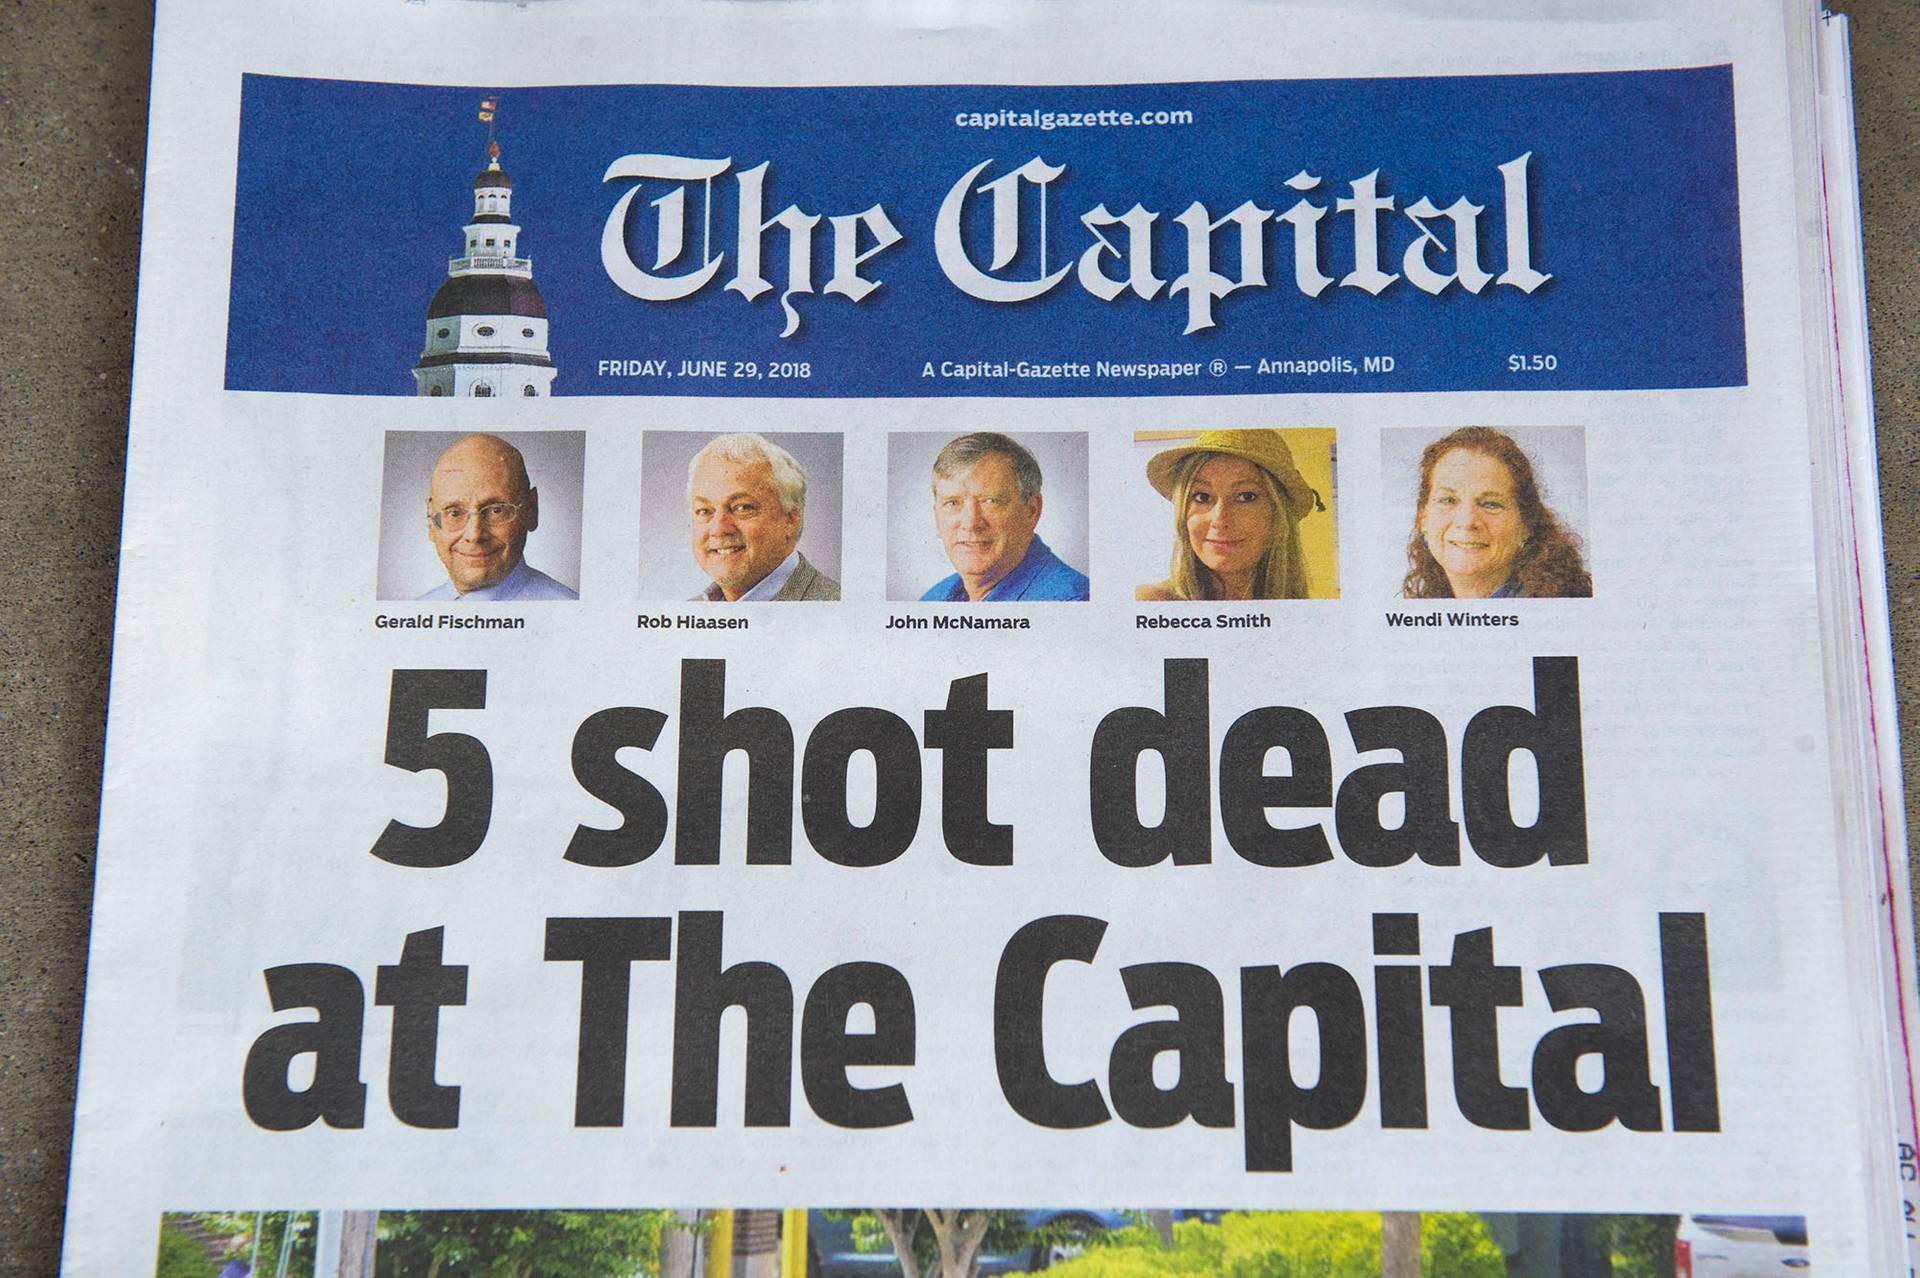 Перша шпальта газети The Capital Gazette 29 червня 2018 року, Аннаполіс, штат Меріленд, США, 29 червня 2018 року. 28 червня п'ятеро співробітників різних редакцій видання загинули та ще двоє дістали поранення унаслідок стрілянини в редакції газети у штаті Меріленд. Стрілянину влаштував 38-річний Джерод Уоррен Рамос, який протягом трьох років судився із газетою, та зрештою програв